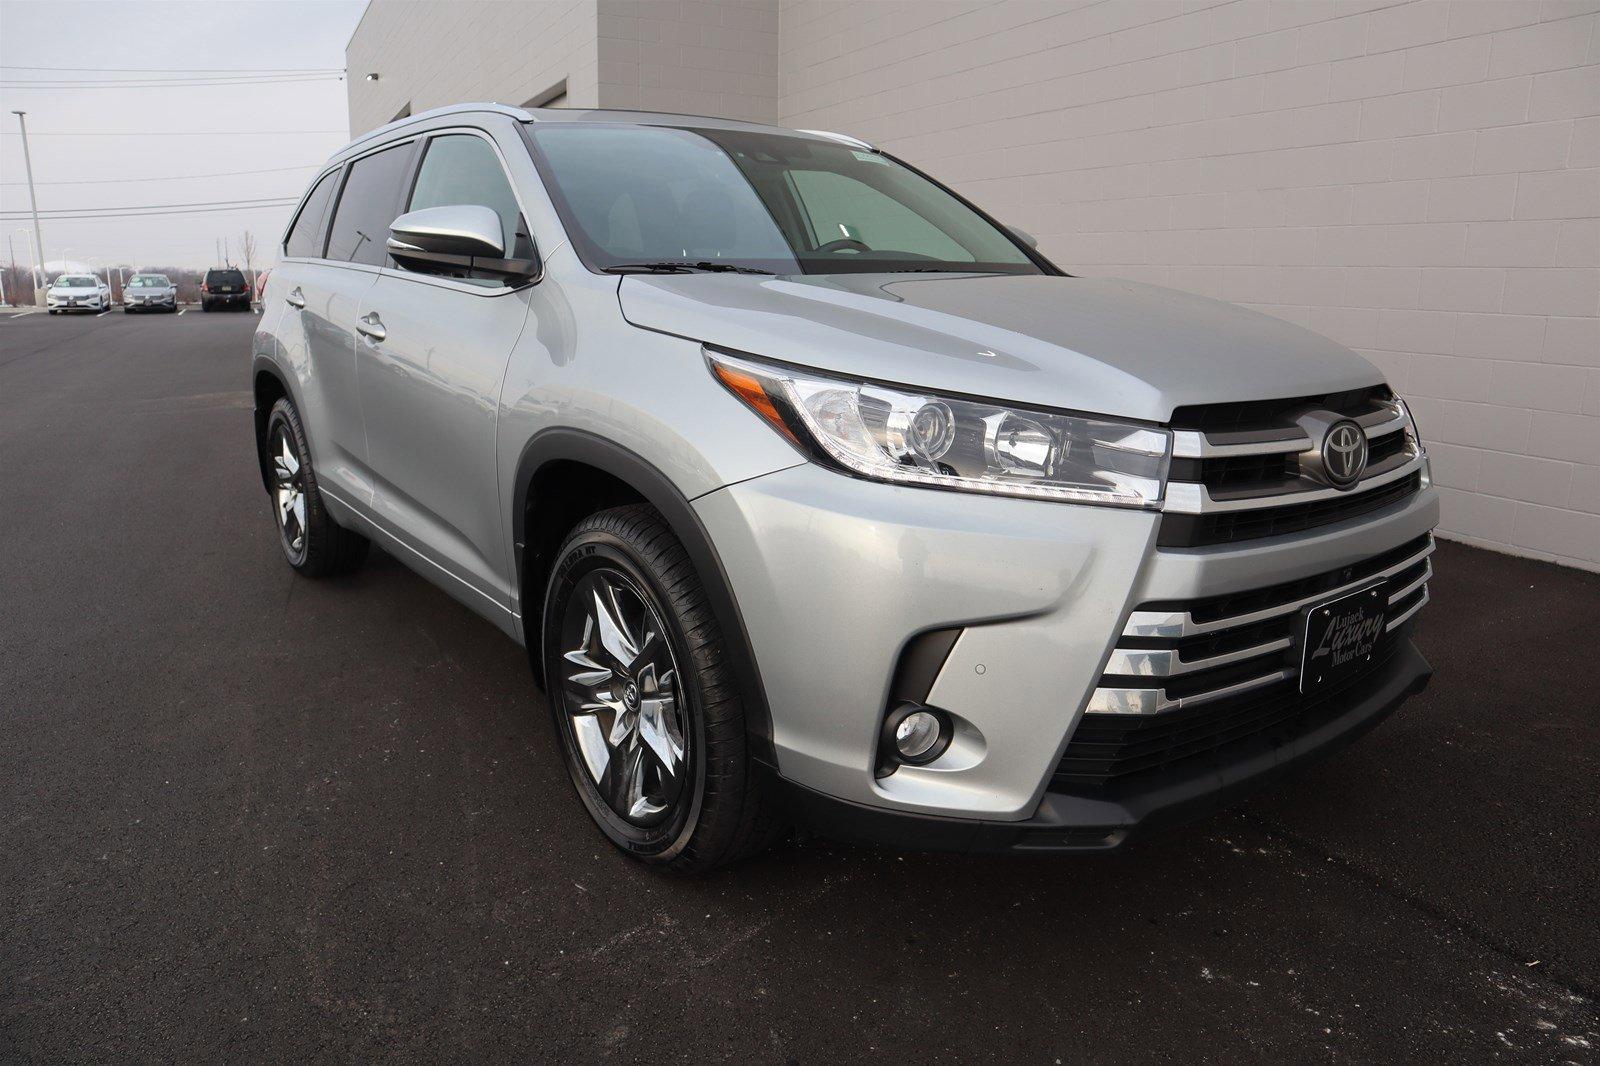 Pre-Owned 2018 Toyota Highlander Limited Platinum